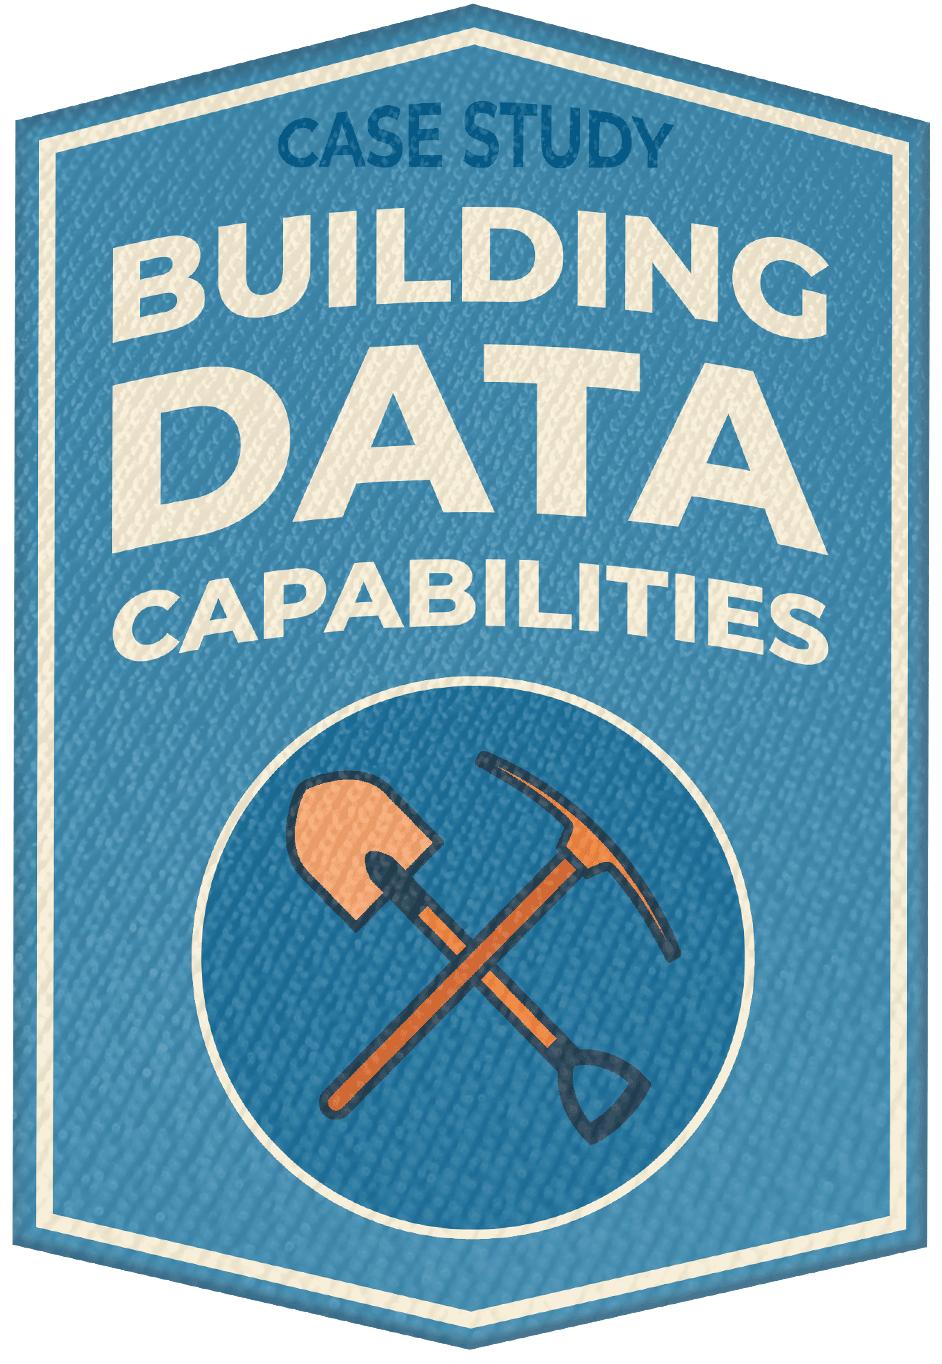 dataCapabilities